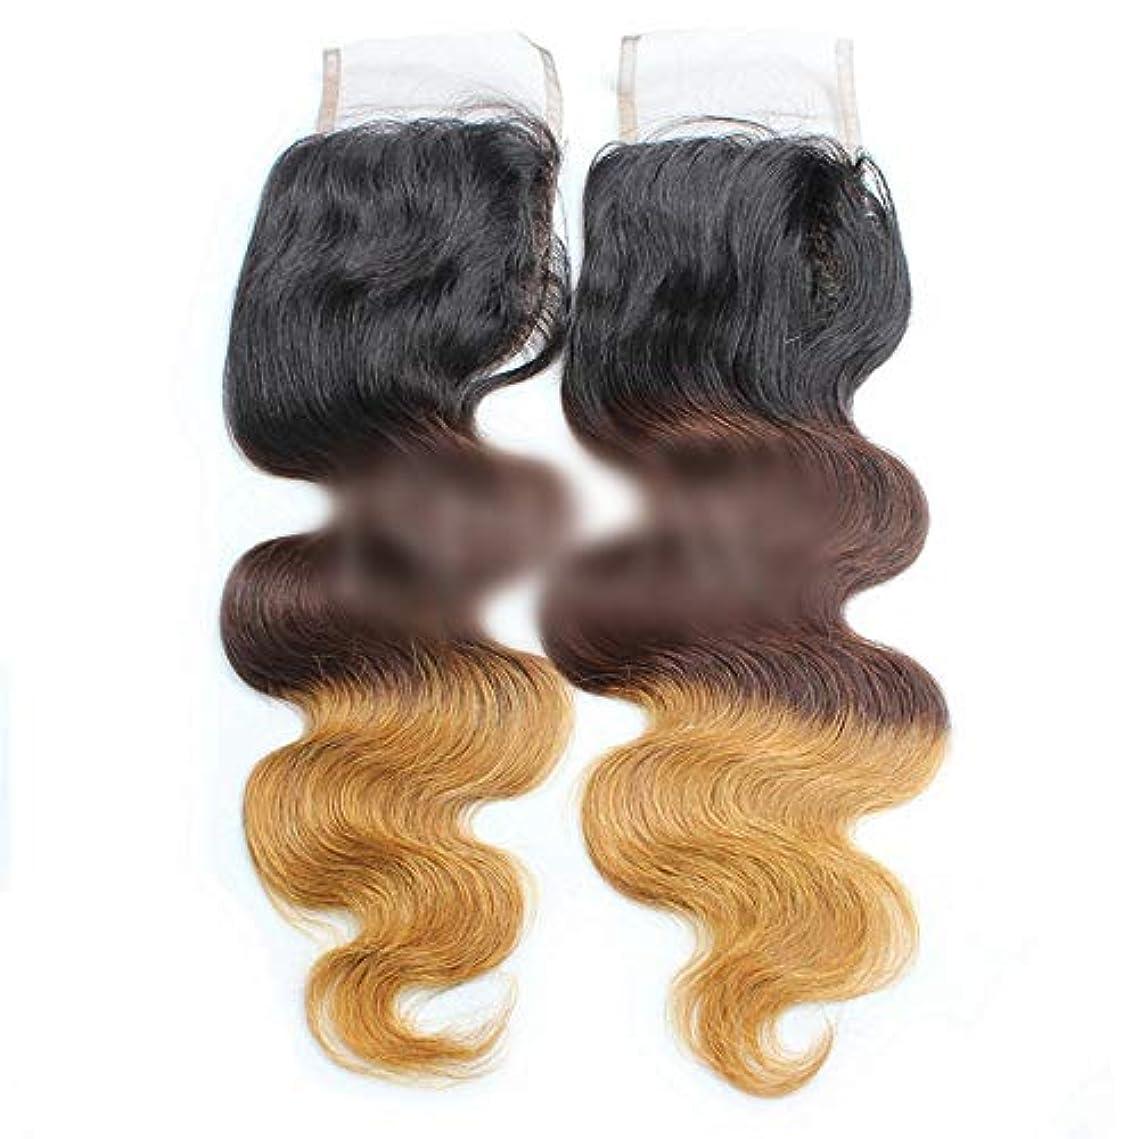 失望プレビスサイト部WASAIO ブラウンのヘアエクステンションブラジルバンドルブラックは女性無料パート4×4インチのための3トーンの色人間の髪を金髪にします (色 : ブラウン, サイズ : 14 inch)